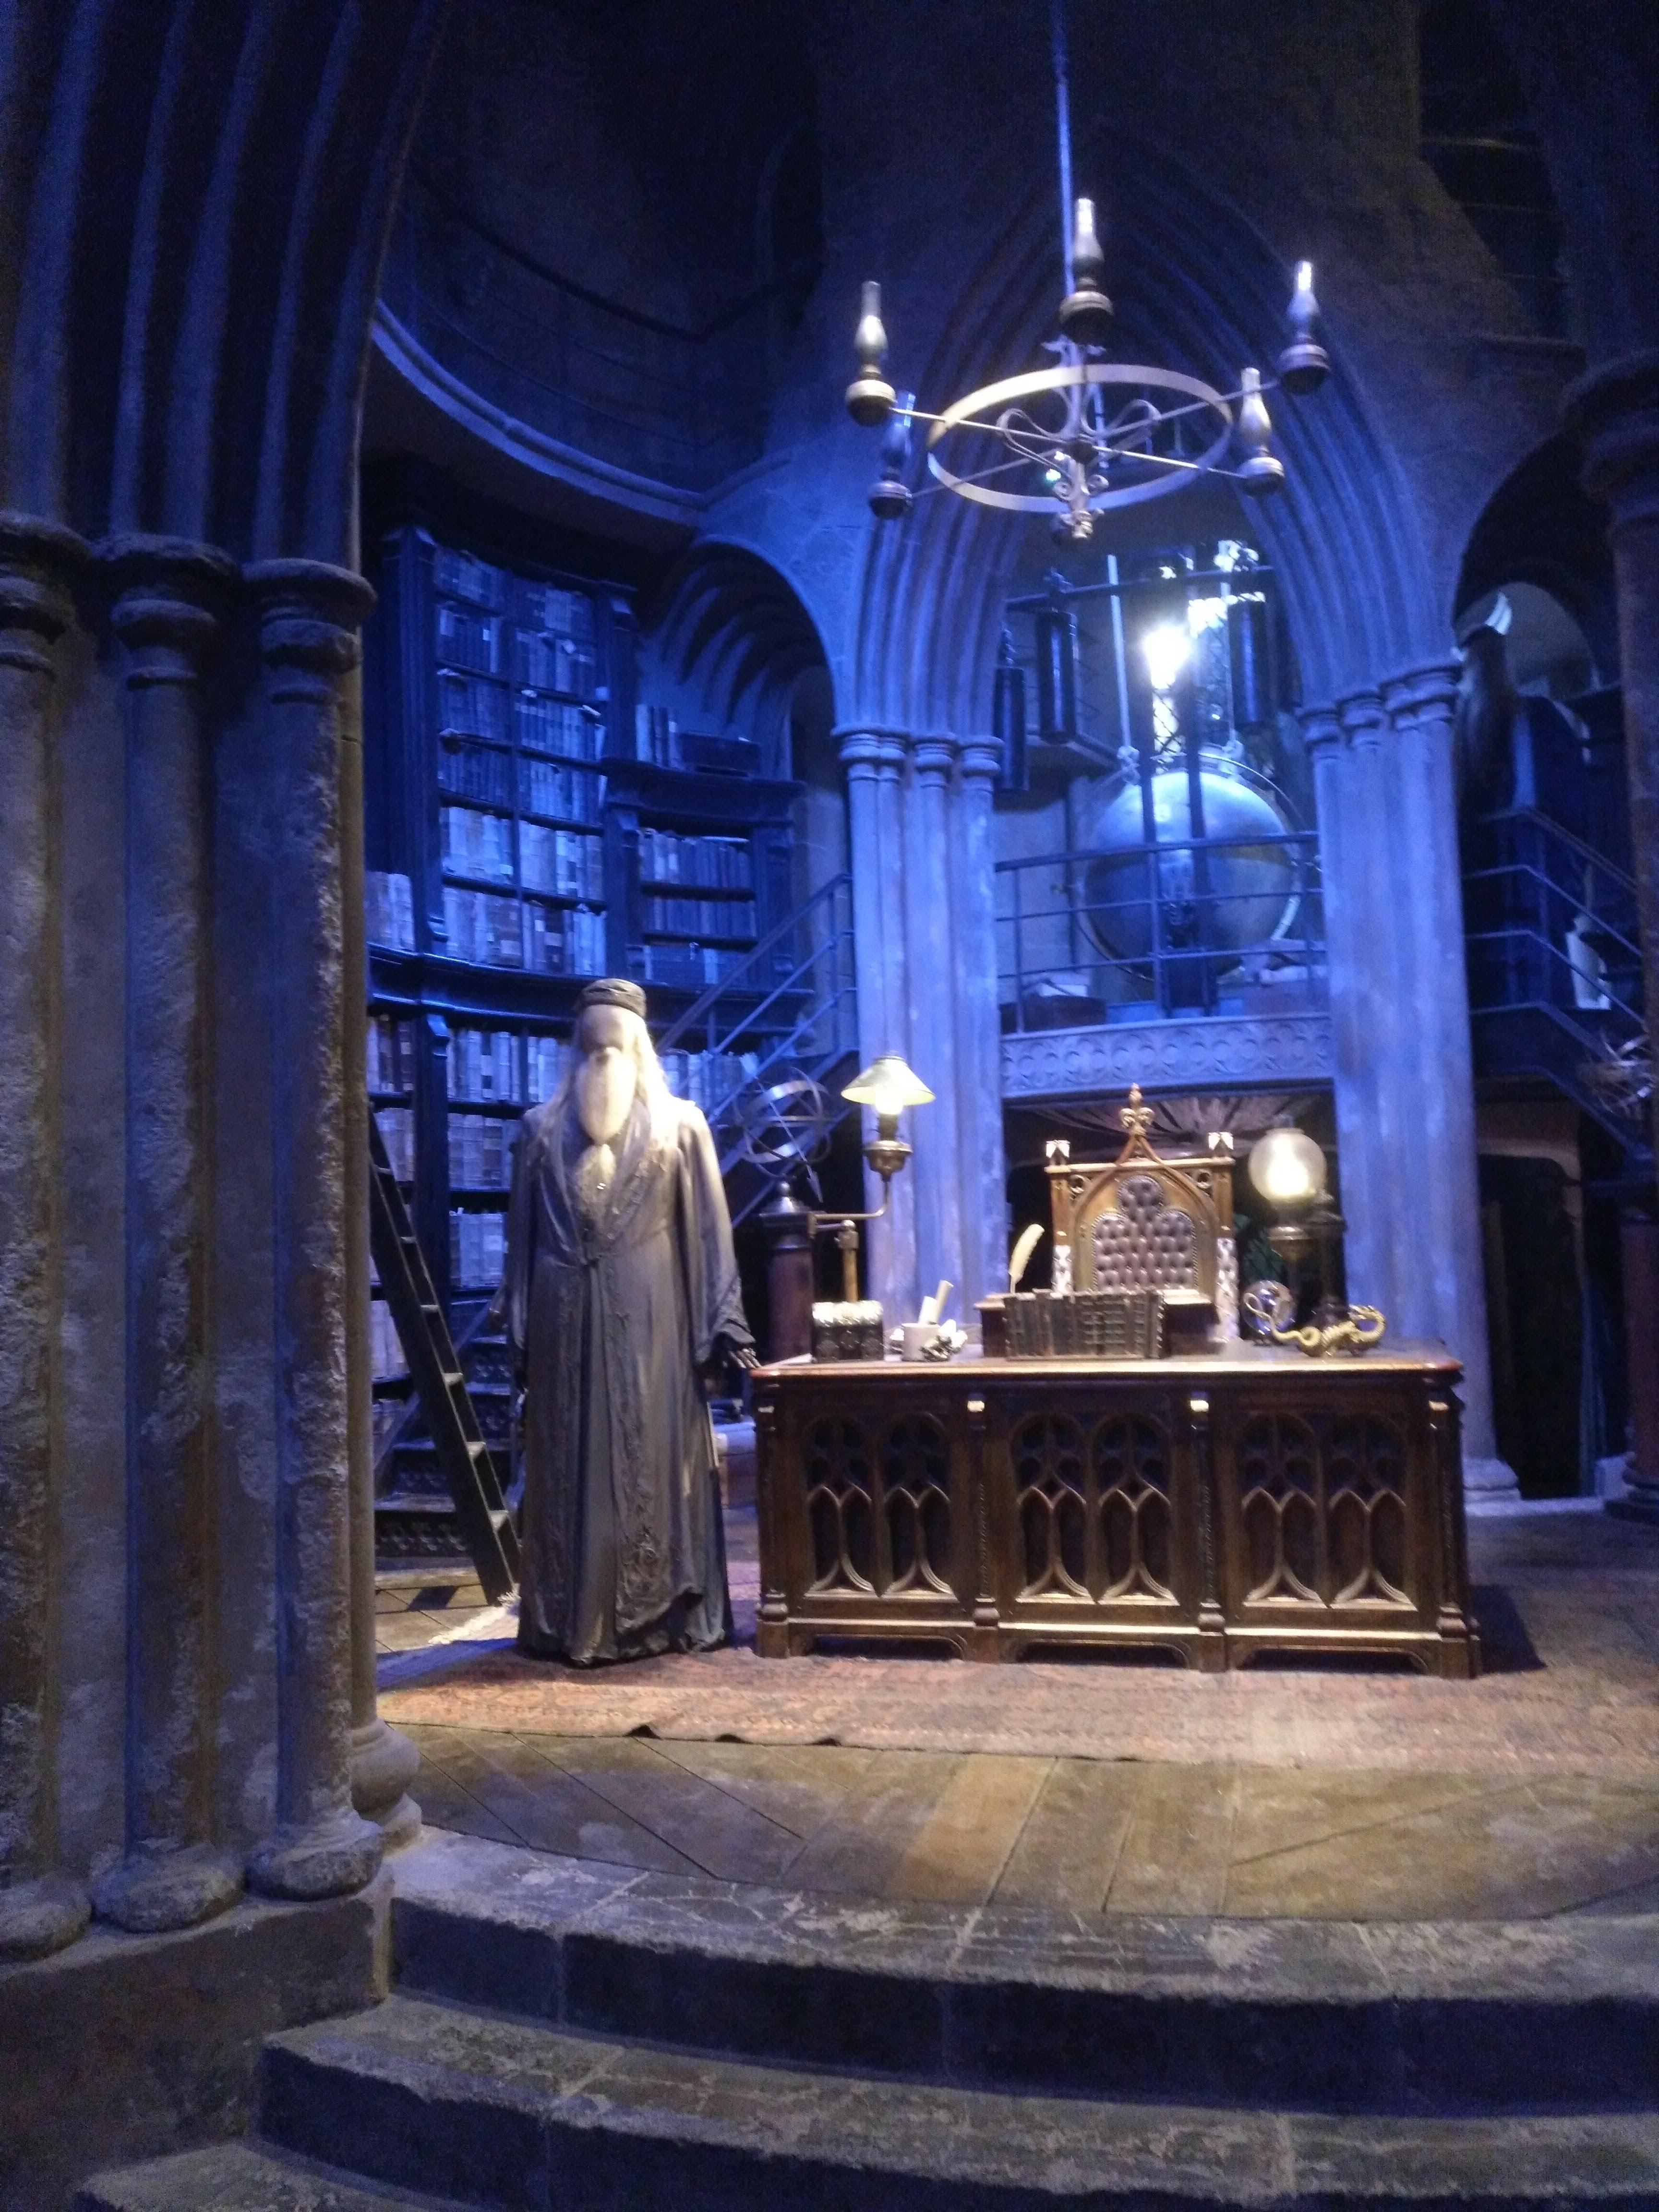 harry potter studios - despacho dummbledore - maniqui - mesa antigua